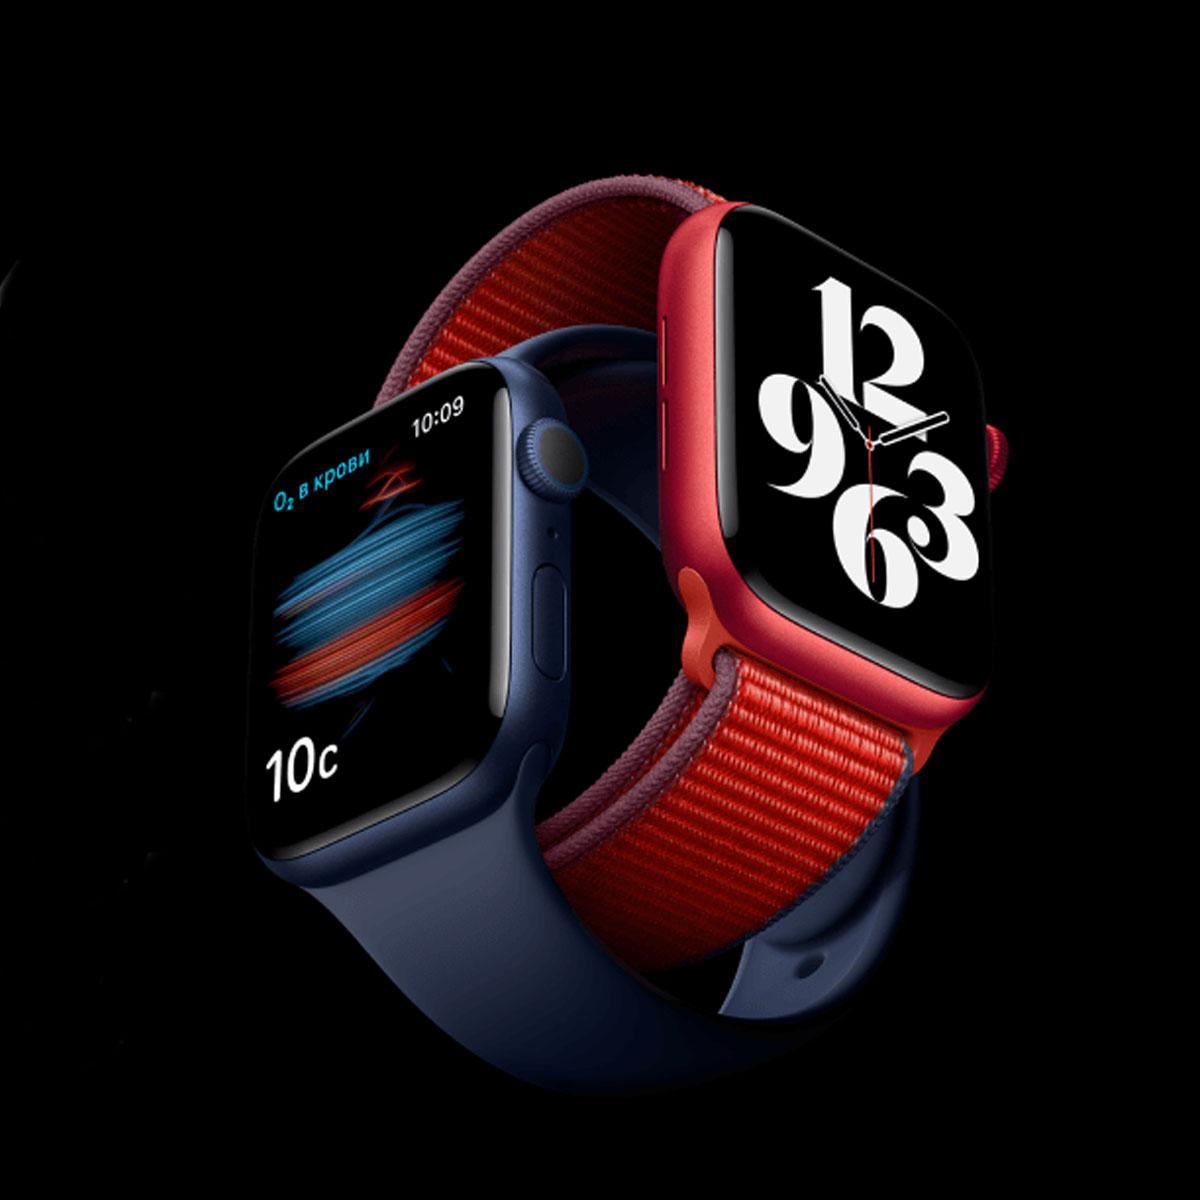 ТОП-3 Лучшие Apple Watch 2021 года 6 SE или 3